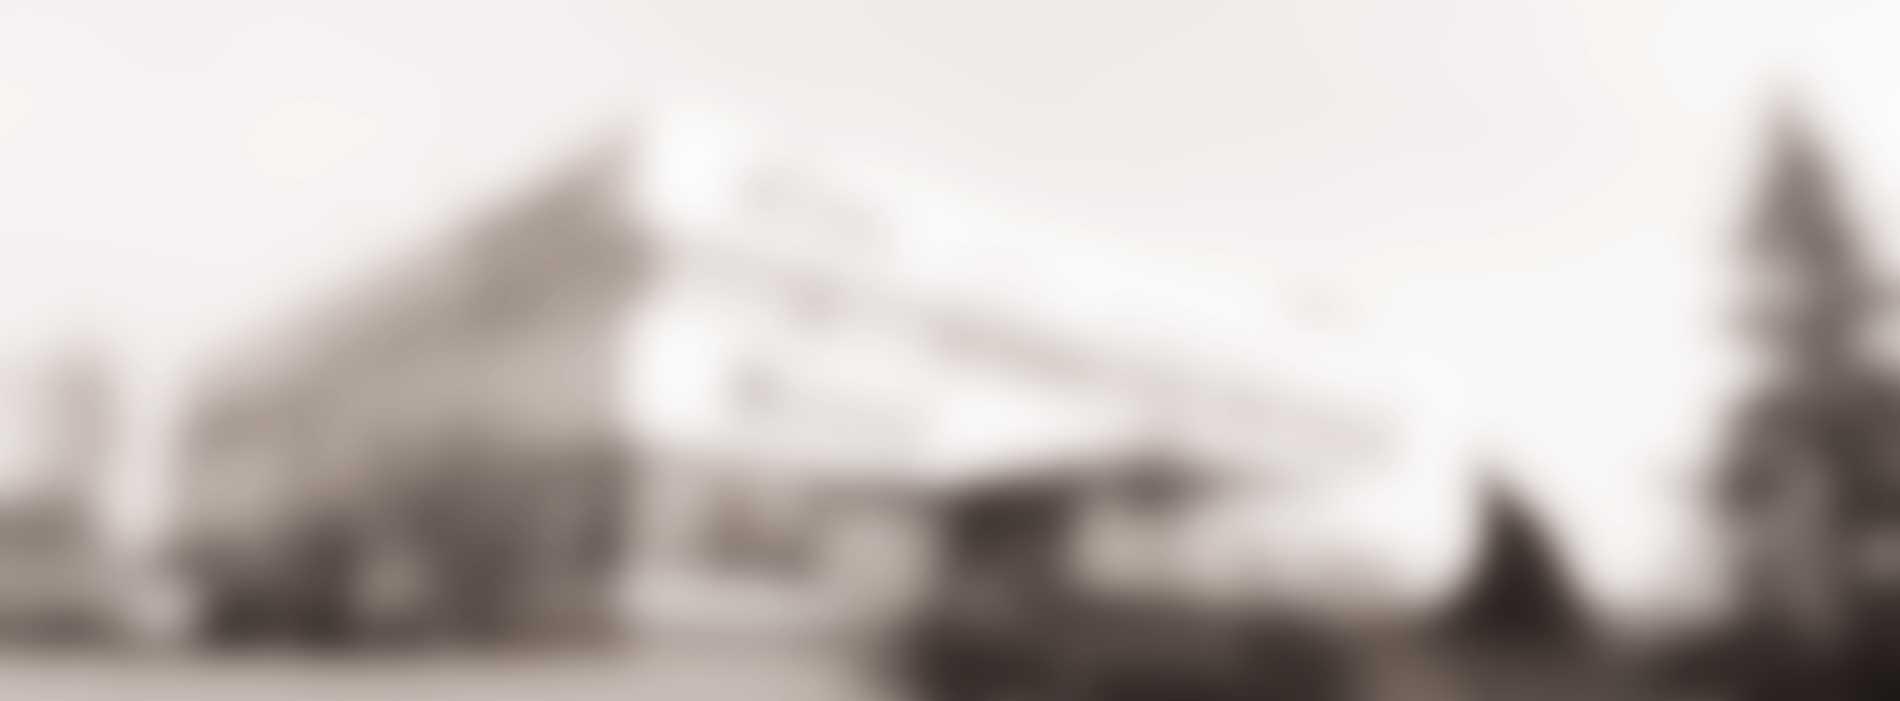 Buerogebaeudecleargray - Gesucht: Service Techniker (m/w) / Informationselektroniker (m/w)